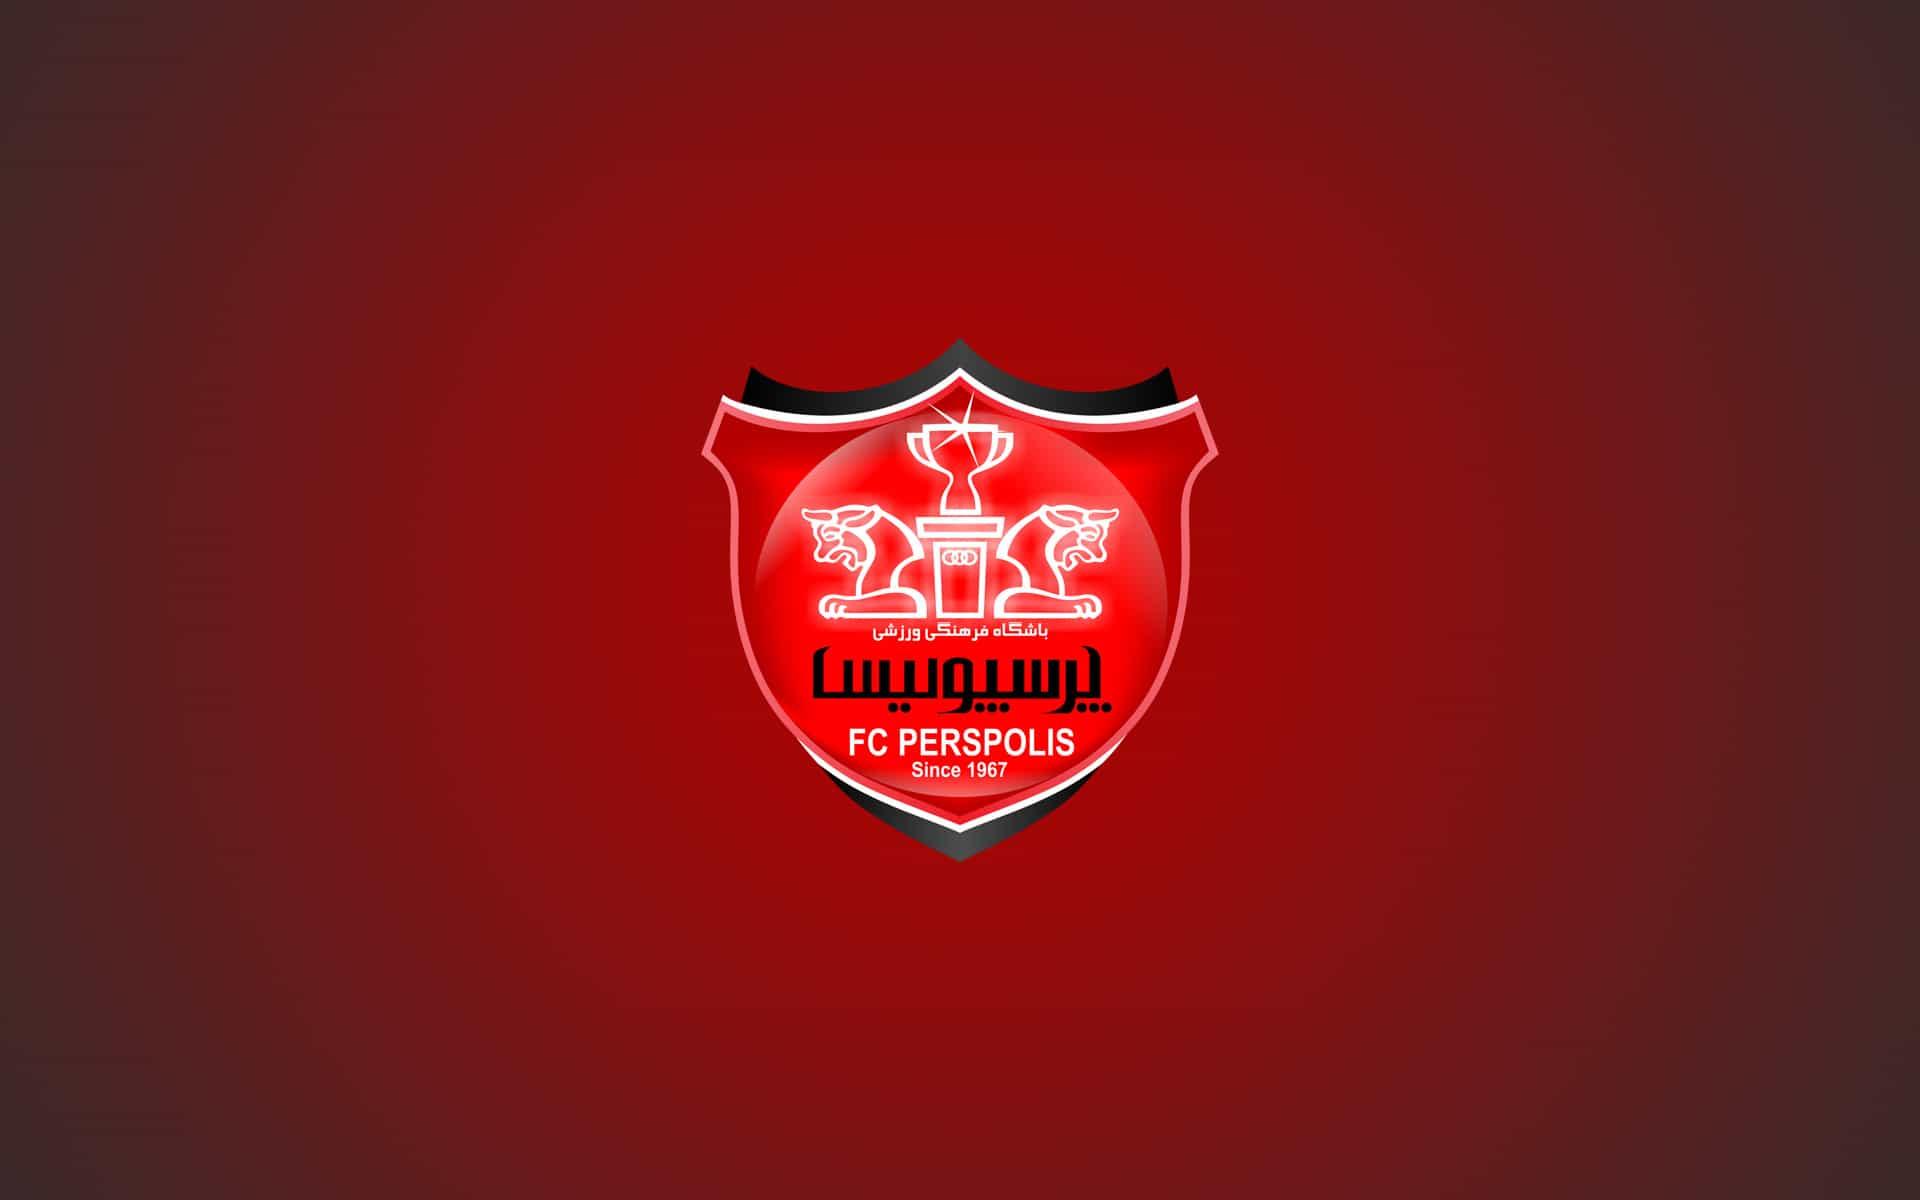 رکورد جدید پرسپولیس در لیگ برتر